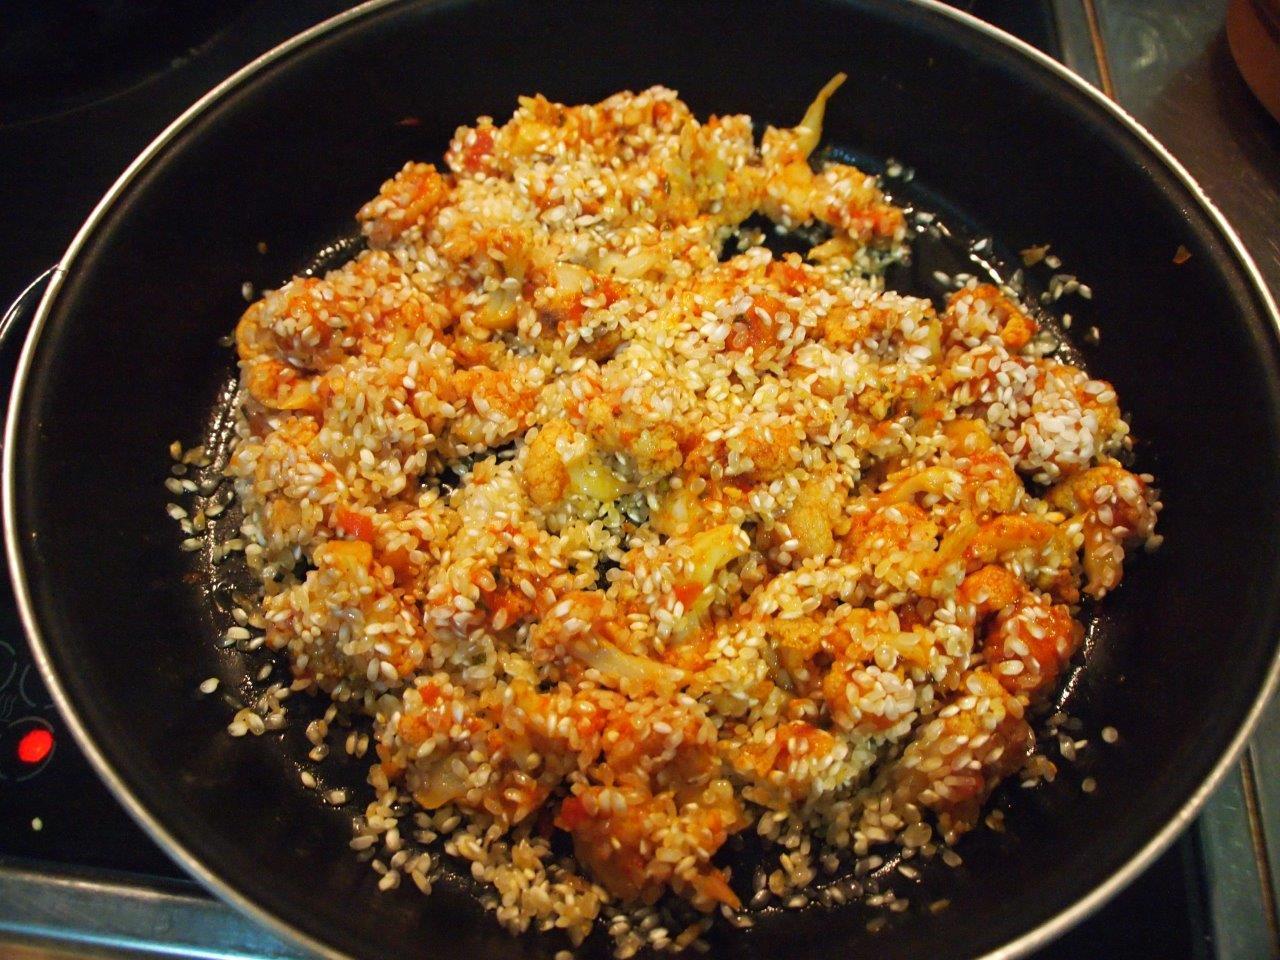 Arroz con bacalao y coliflor cocina sin carn - Arroz con bacalao desmigado ...